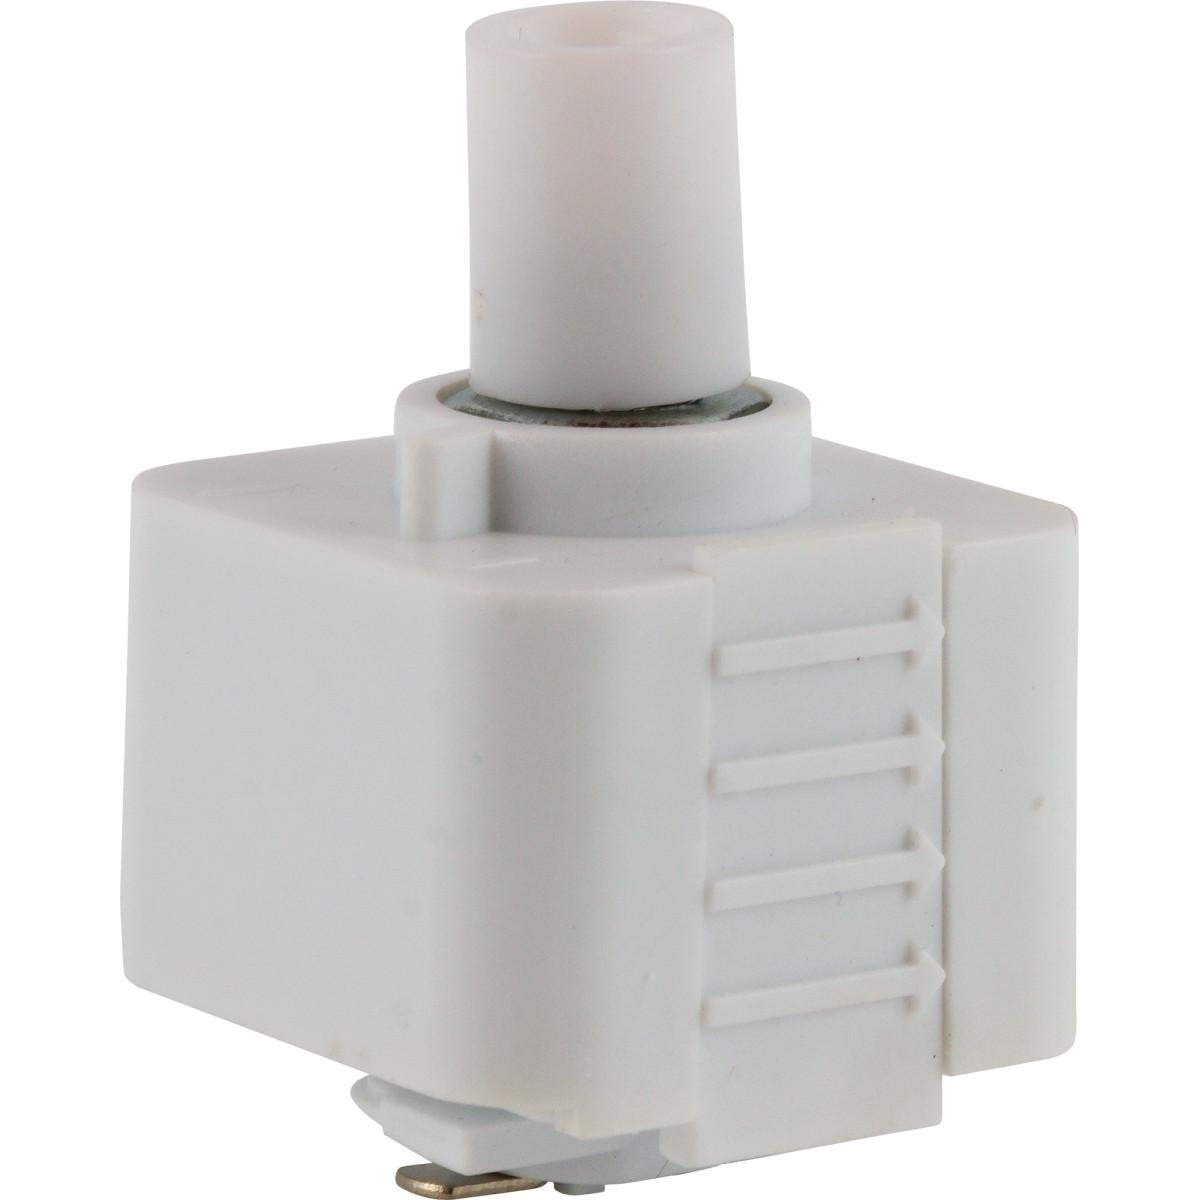 Адаптер для подключения любого подвеса к трековой системе цвет белый